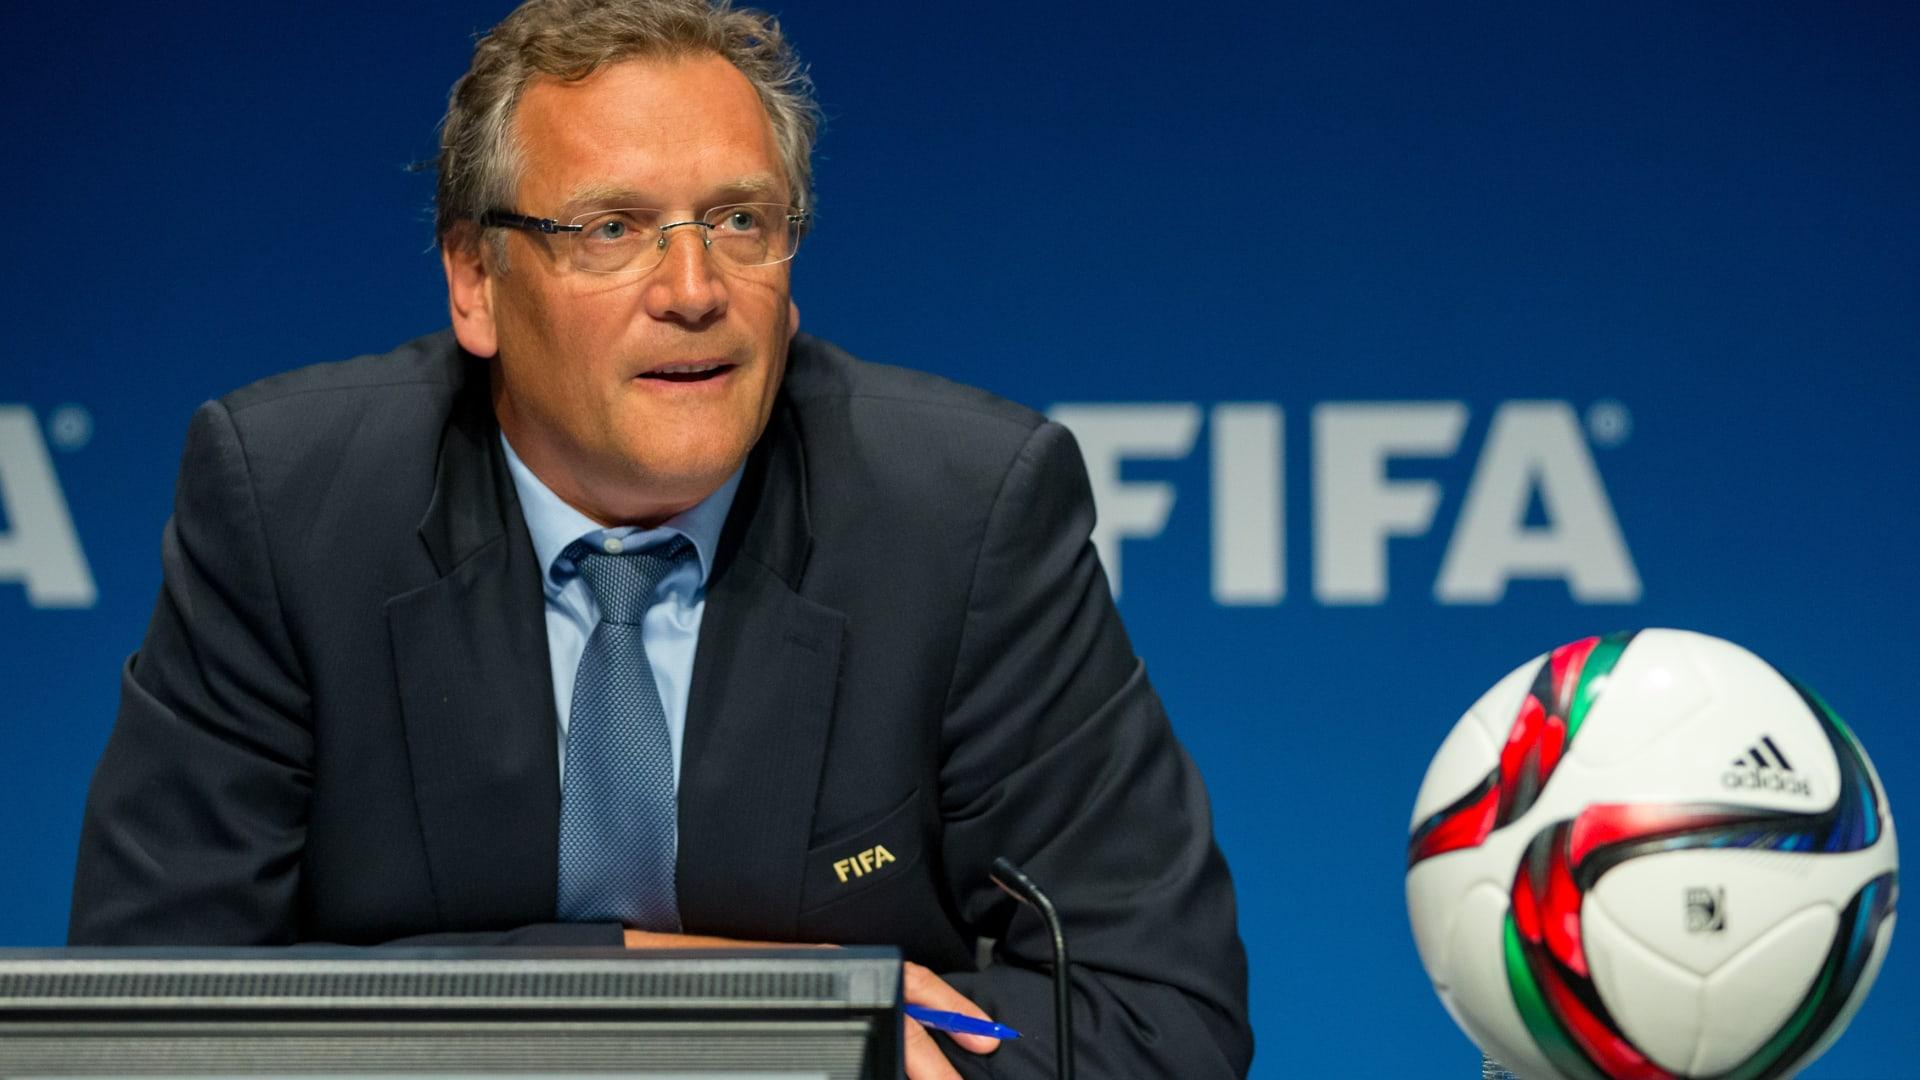 الفيفا: إقالة جيروم فالكه من منصبه كأمين عام للاتحاد الدولي لكرة القدم